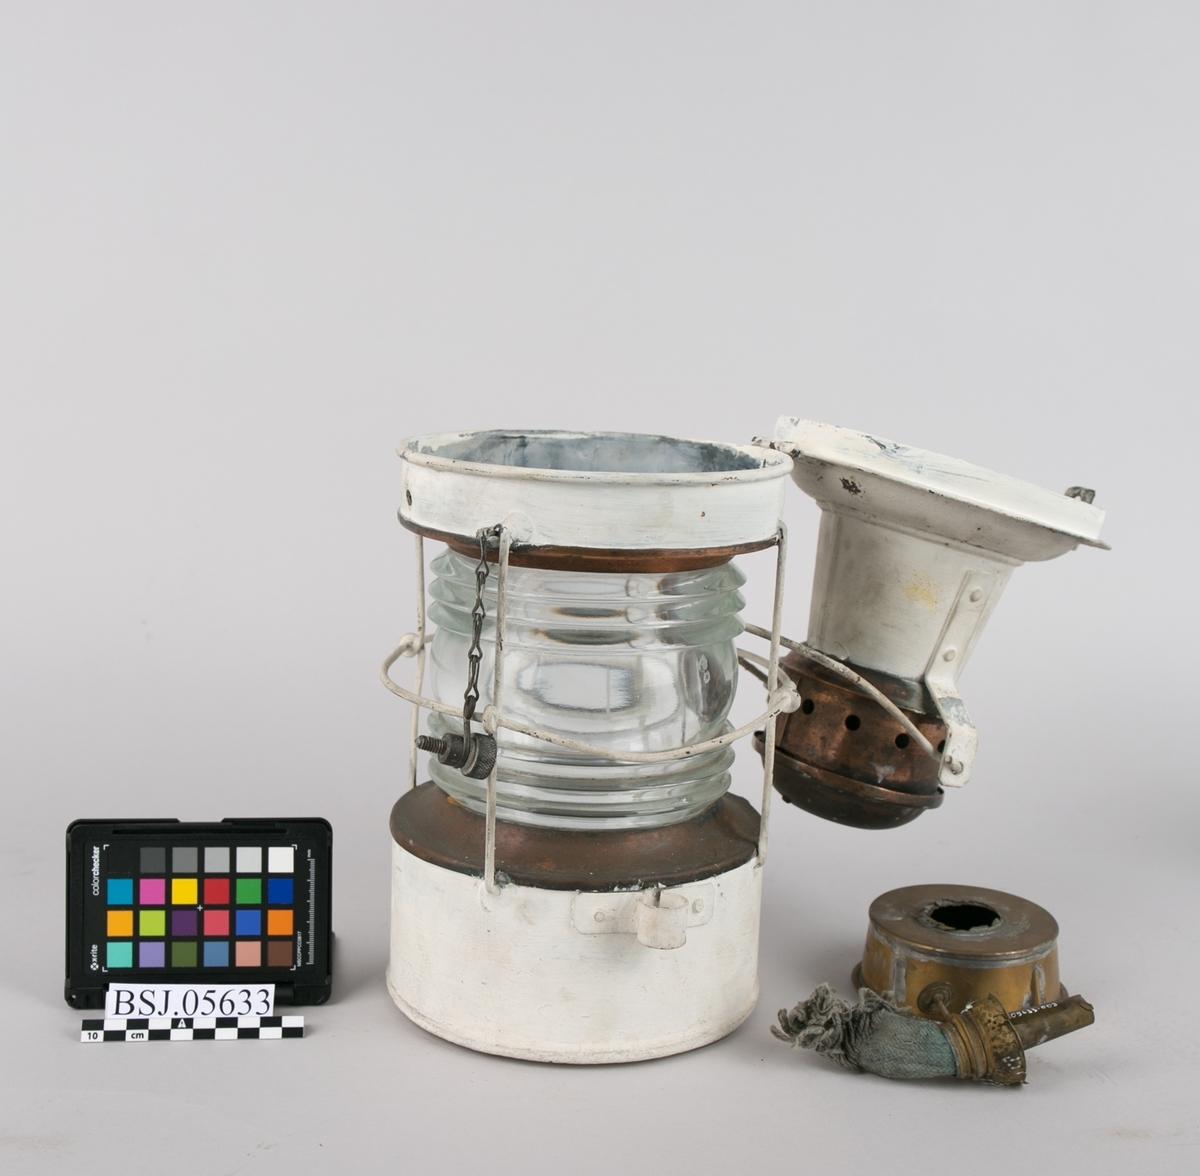 Ankerlanterne  med parafinbrenner. Rund lanterne med  hank for opphenging og åpning på topp for å komme til brenneren. Klart lampeglass med profiler.